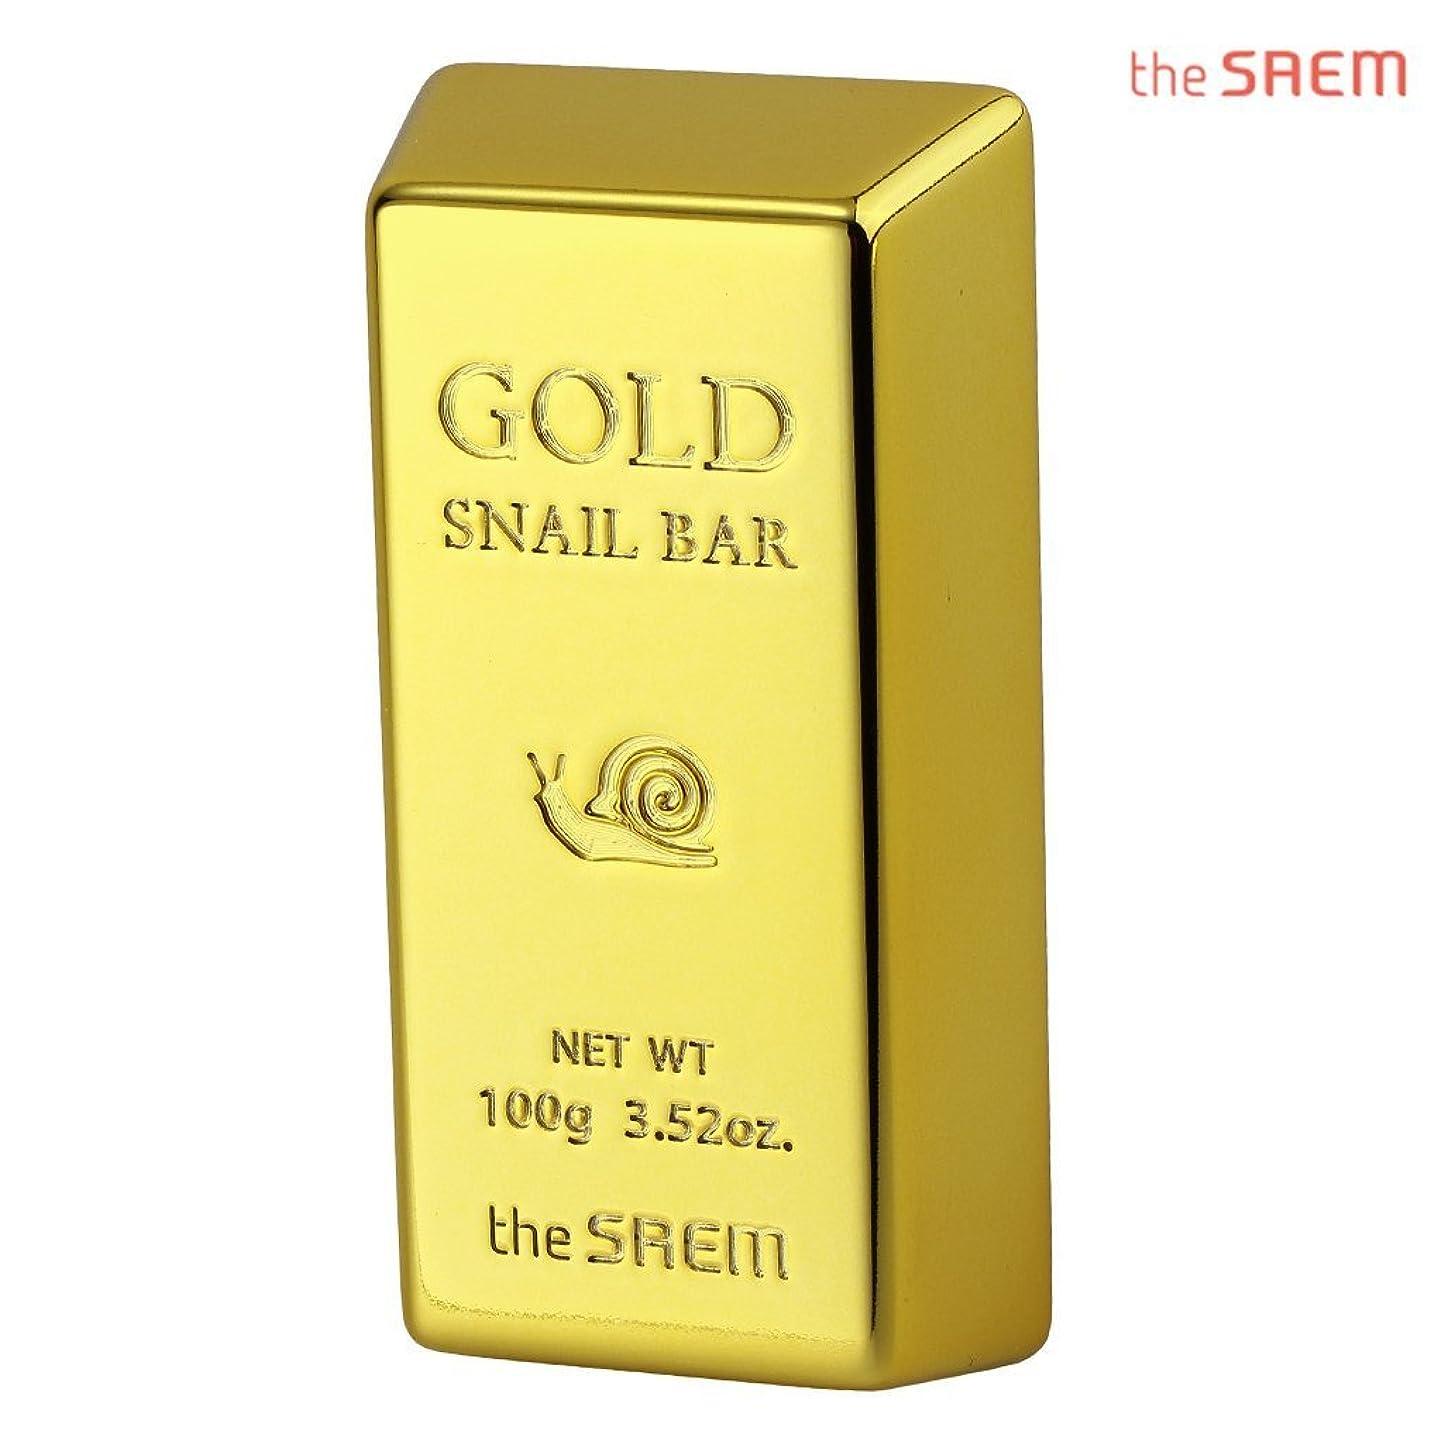 失礼な合わせて図The Saem 24K gold snail premium facial soap セーム24Kゴールドカタツムリプレミアムフェイシャルソープ 石鹸 (100g) [海外直送品]